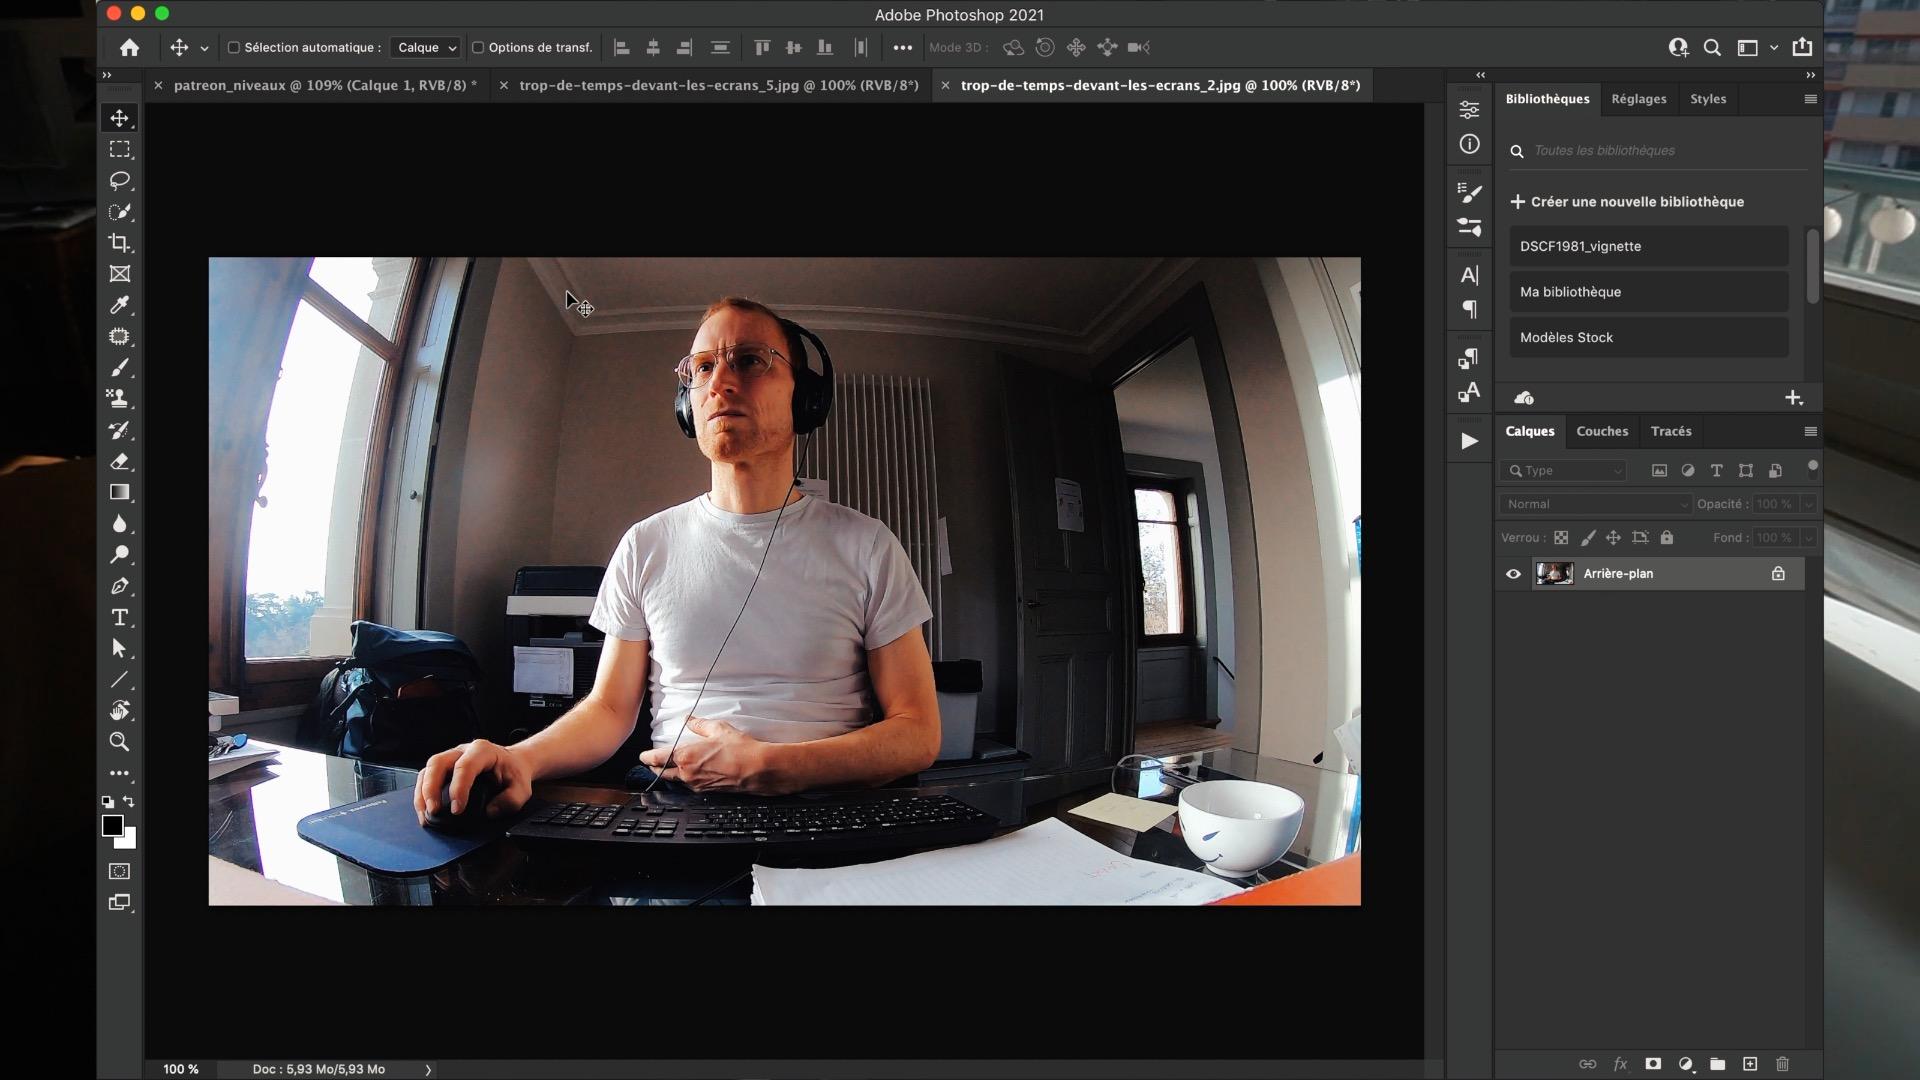 Comment créer un livre de photographie - 2